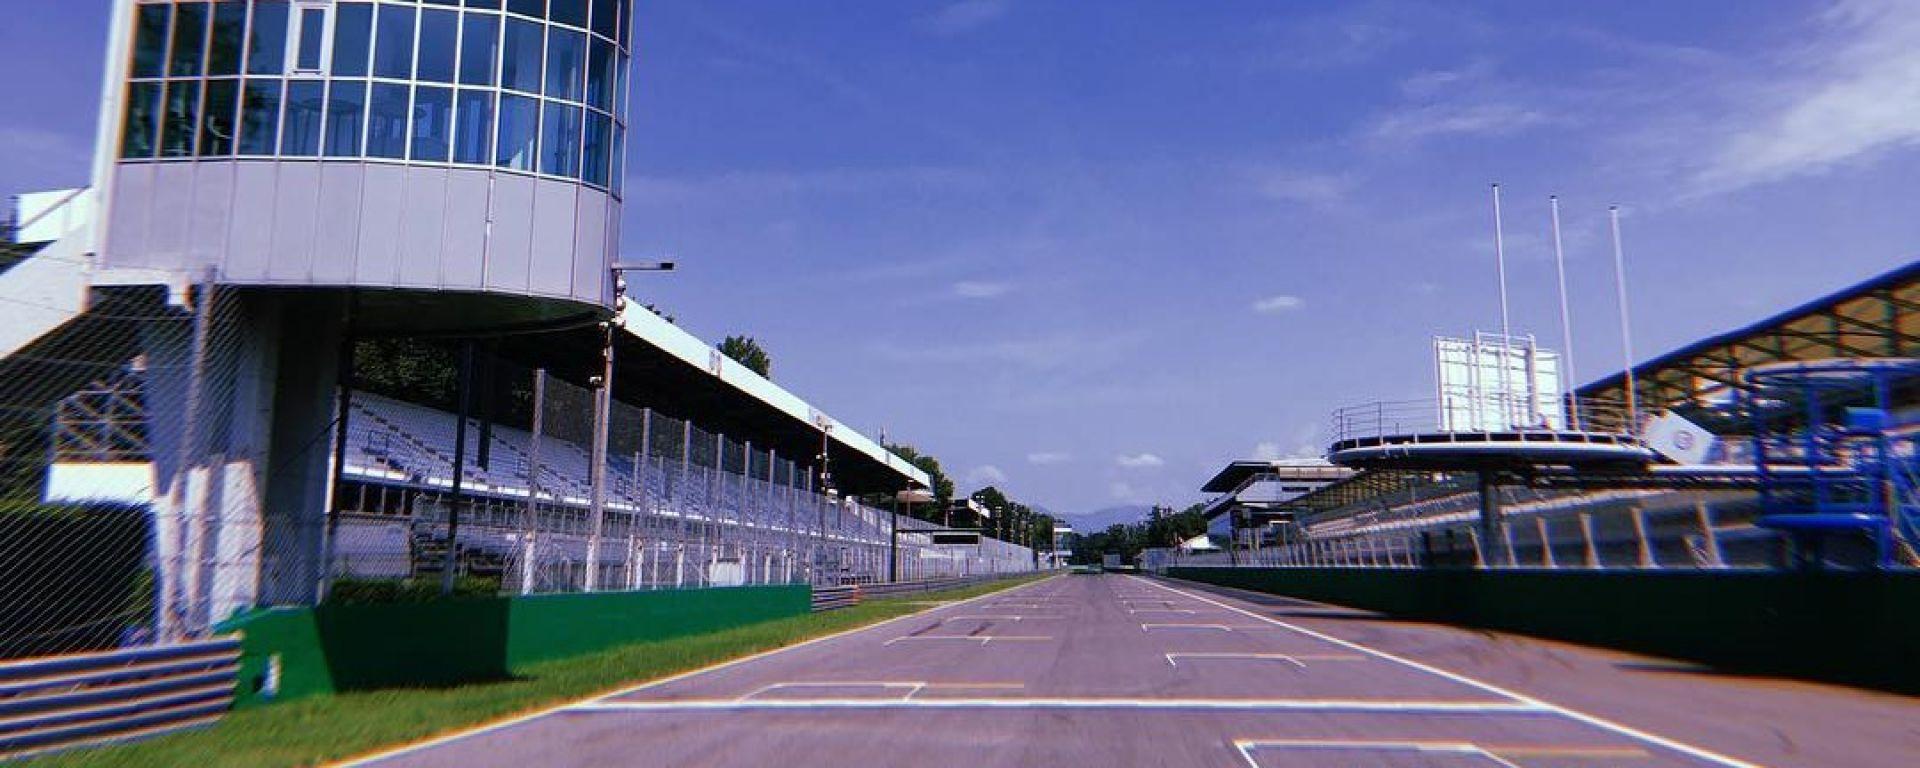 Brembo e Pirelli ci svelano i segreti del Circuito di Monza